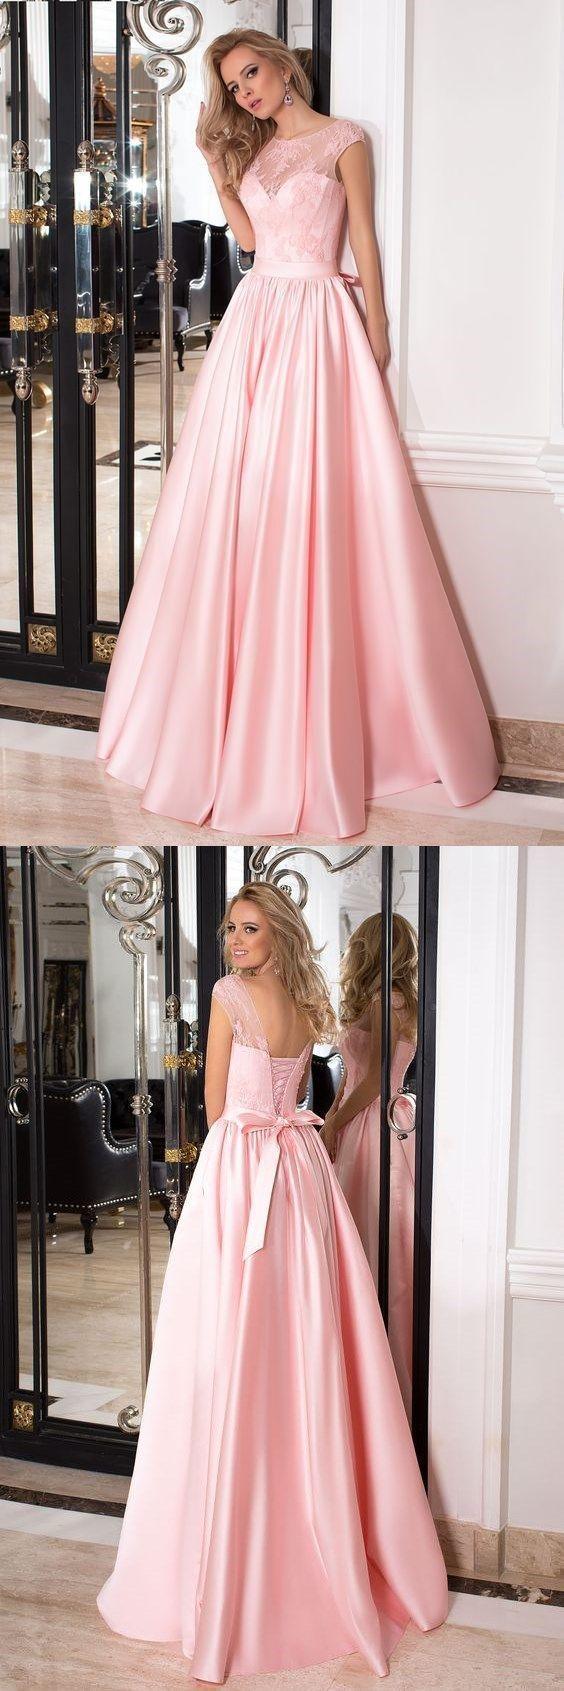 Elegant aline pink long satin prom dress party dress ekkor